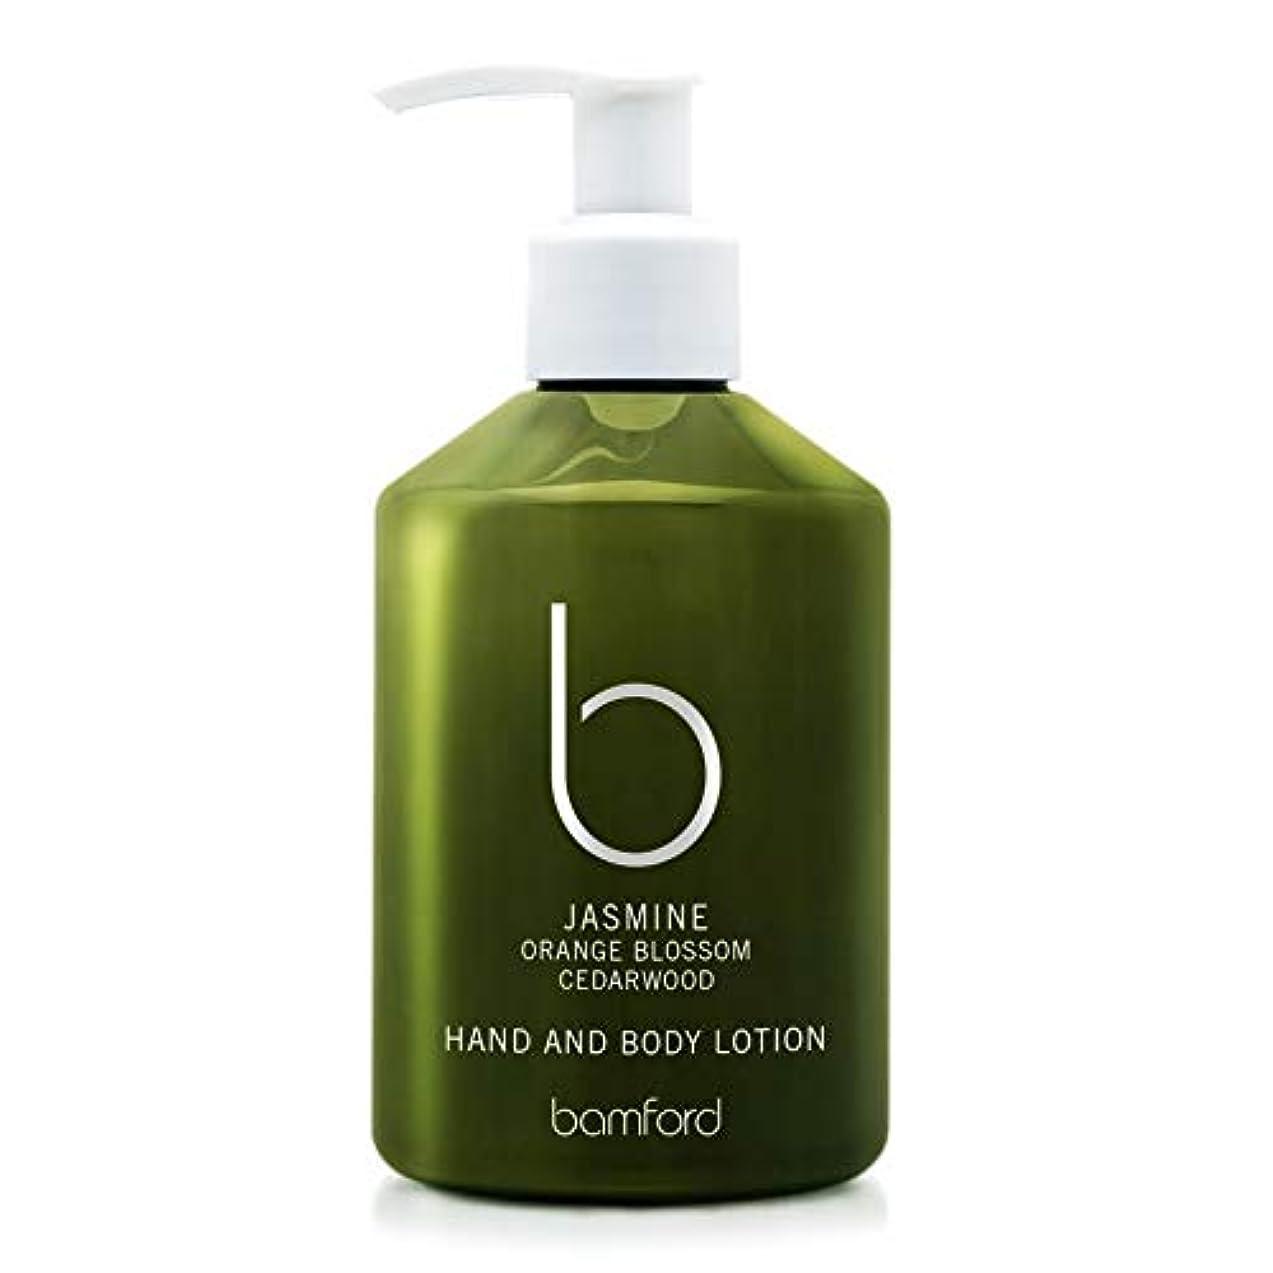 ランデブー女性難しい[Bamford ] バンフォードバンフォードのジャスミンの手とボディローション250ミリリットル - Bamford Bamford Jasmine Hand and Body Lotion 250ml [並行輸入品]